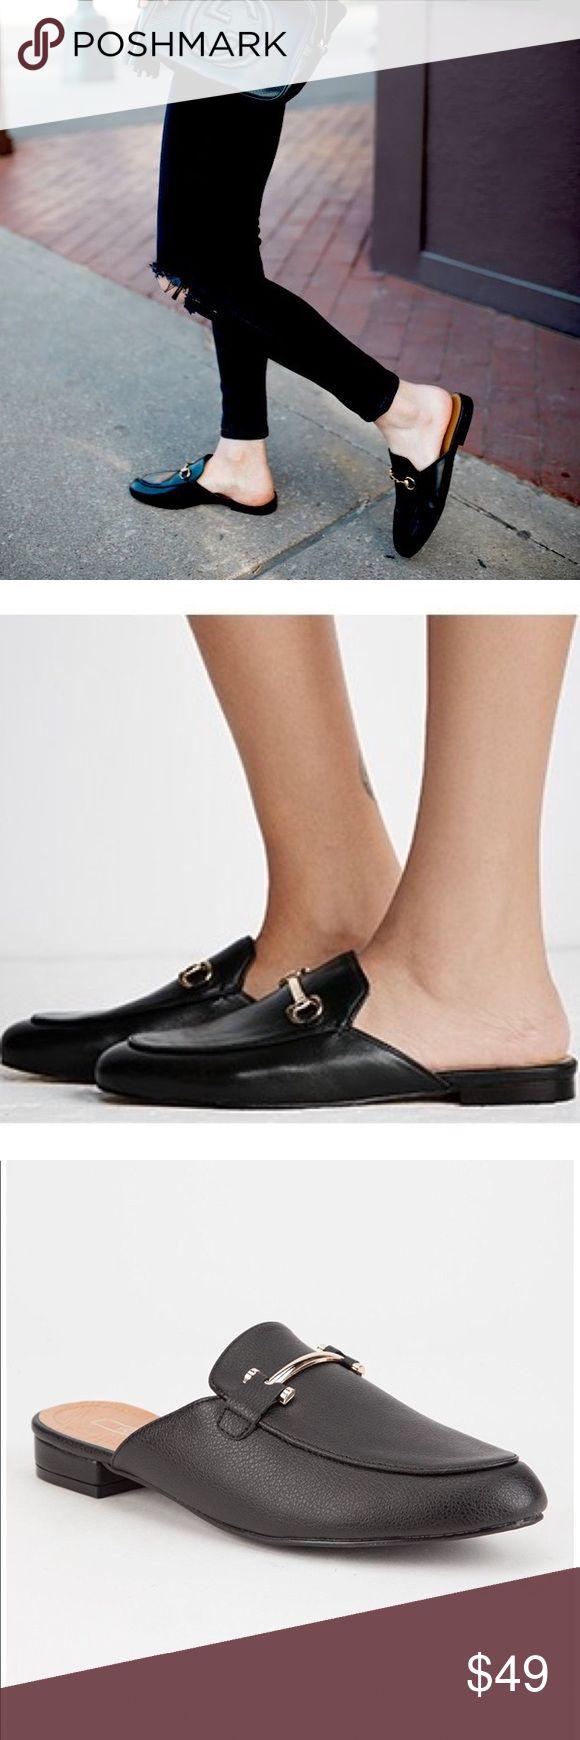 Black sandals gold bar - Black Loafer Sandals Gold Bar Slide Loafers Black Vegan Upper With Gold Bar Accent